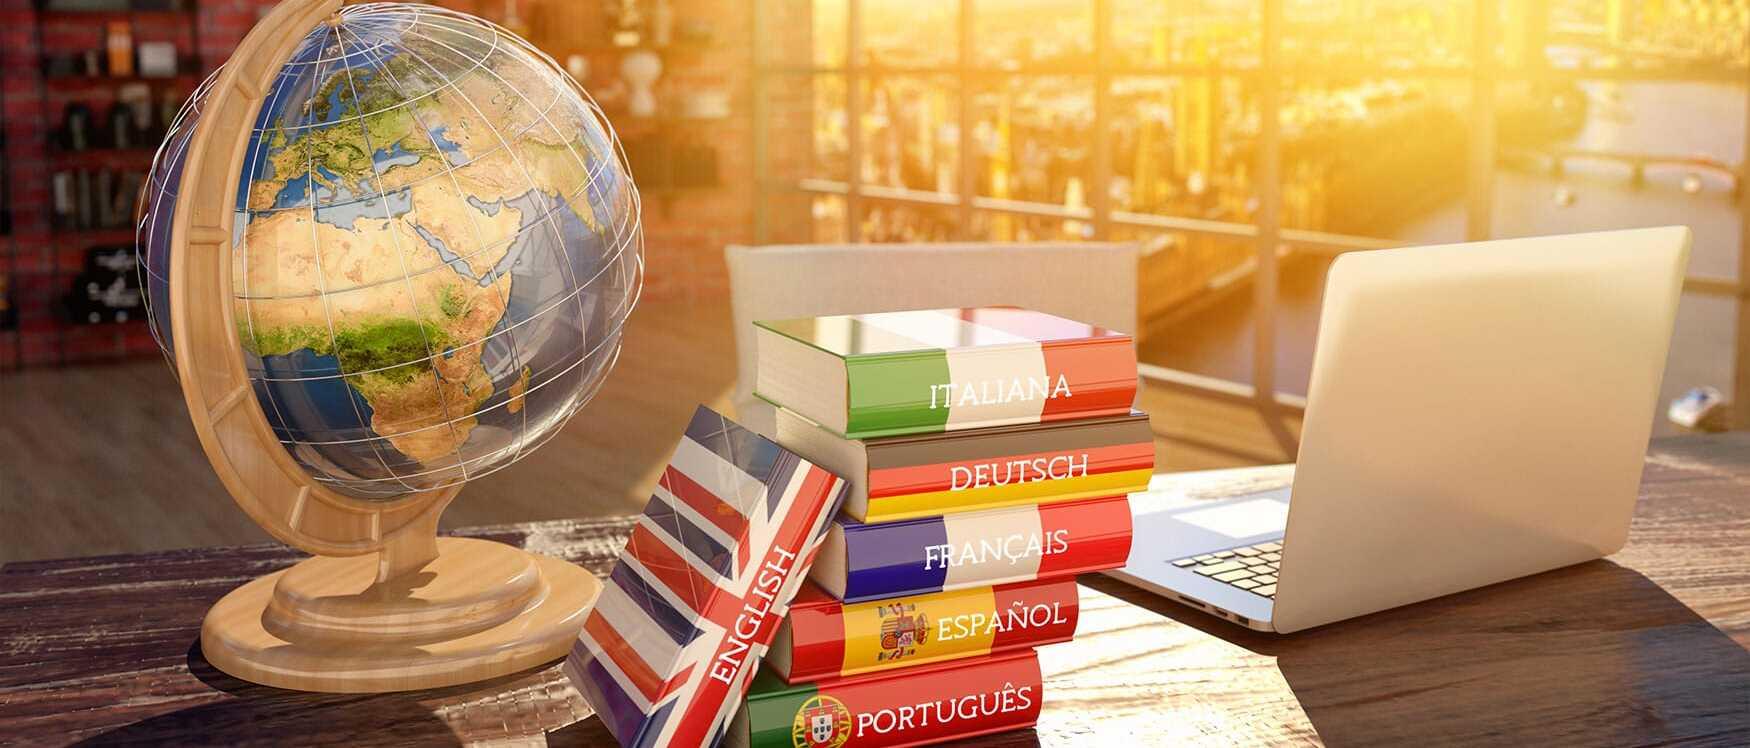 PROCLANE bietet für mehrsprachige Szenarien erprobte und zuverlässige Integrationslösungen.